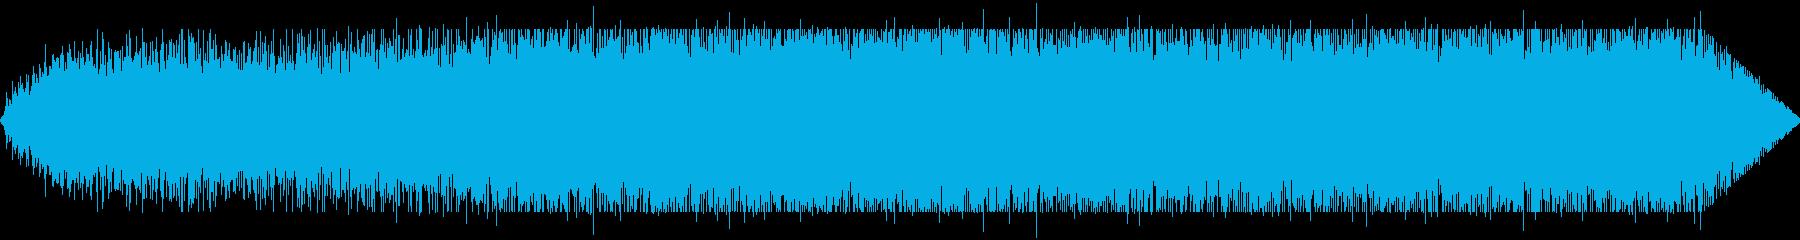 回転する人の再生済みの波形